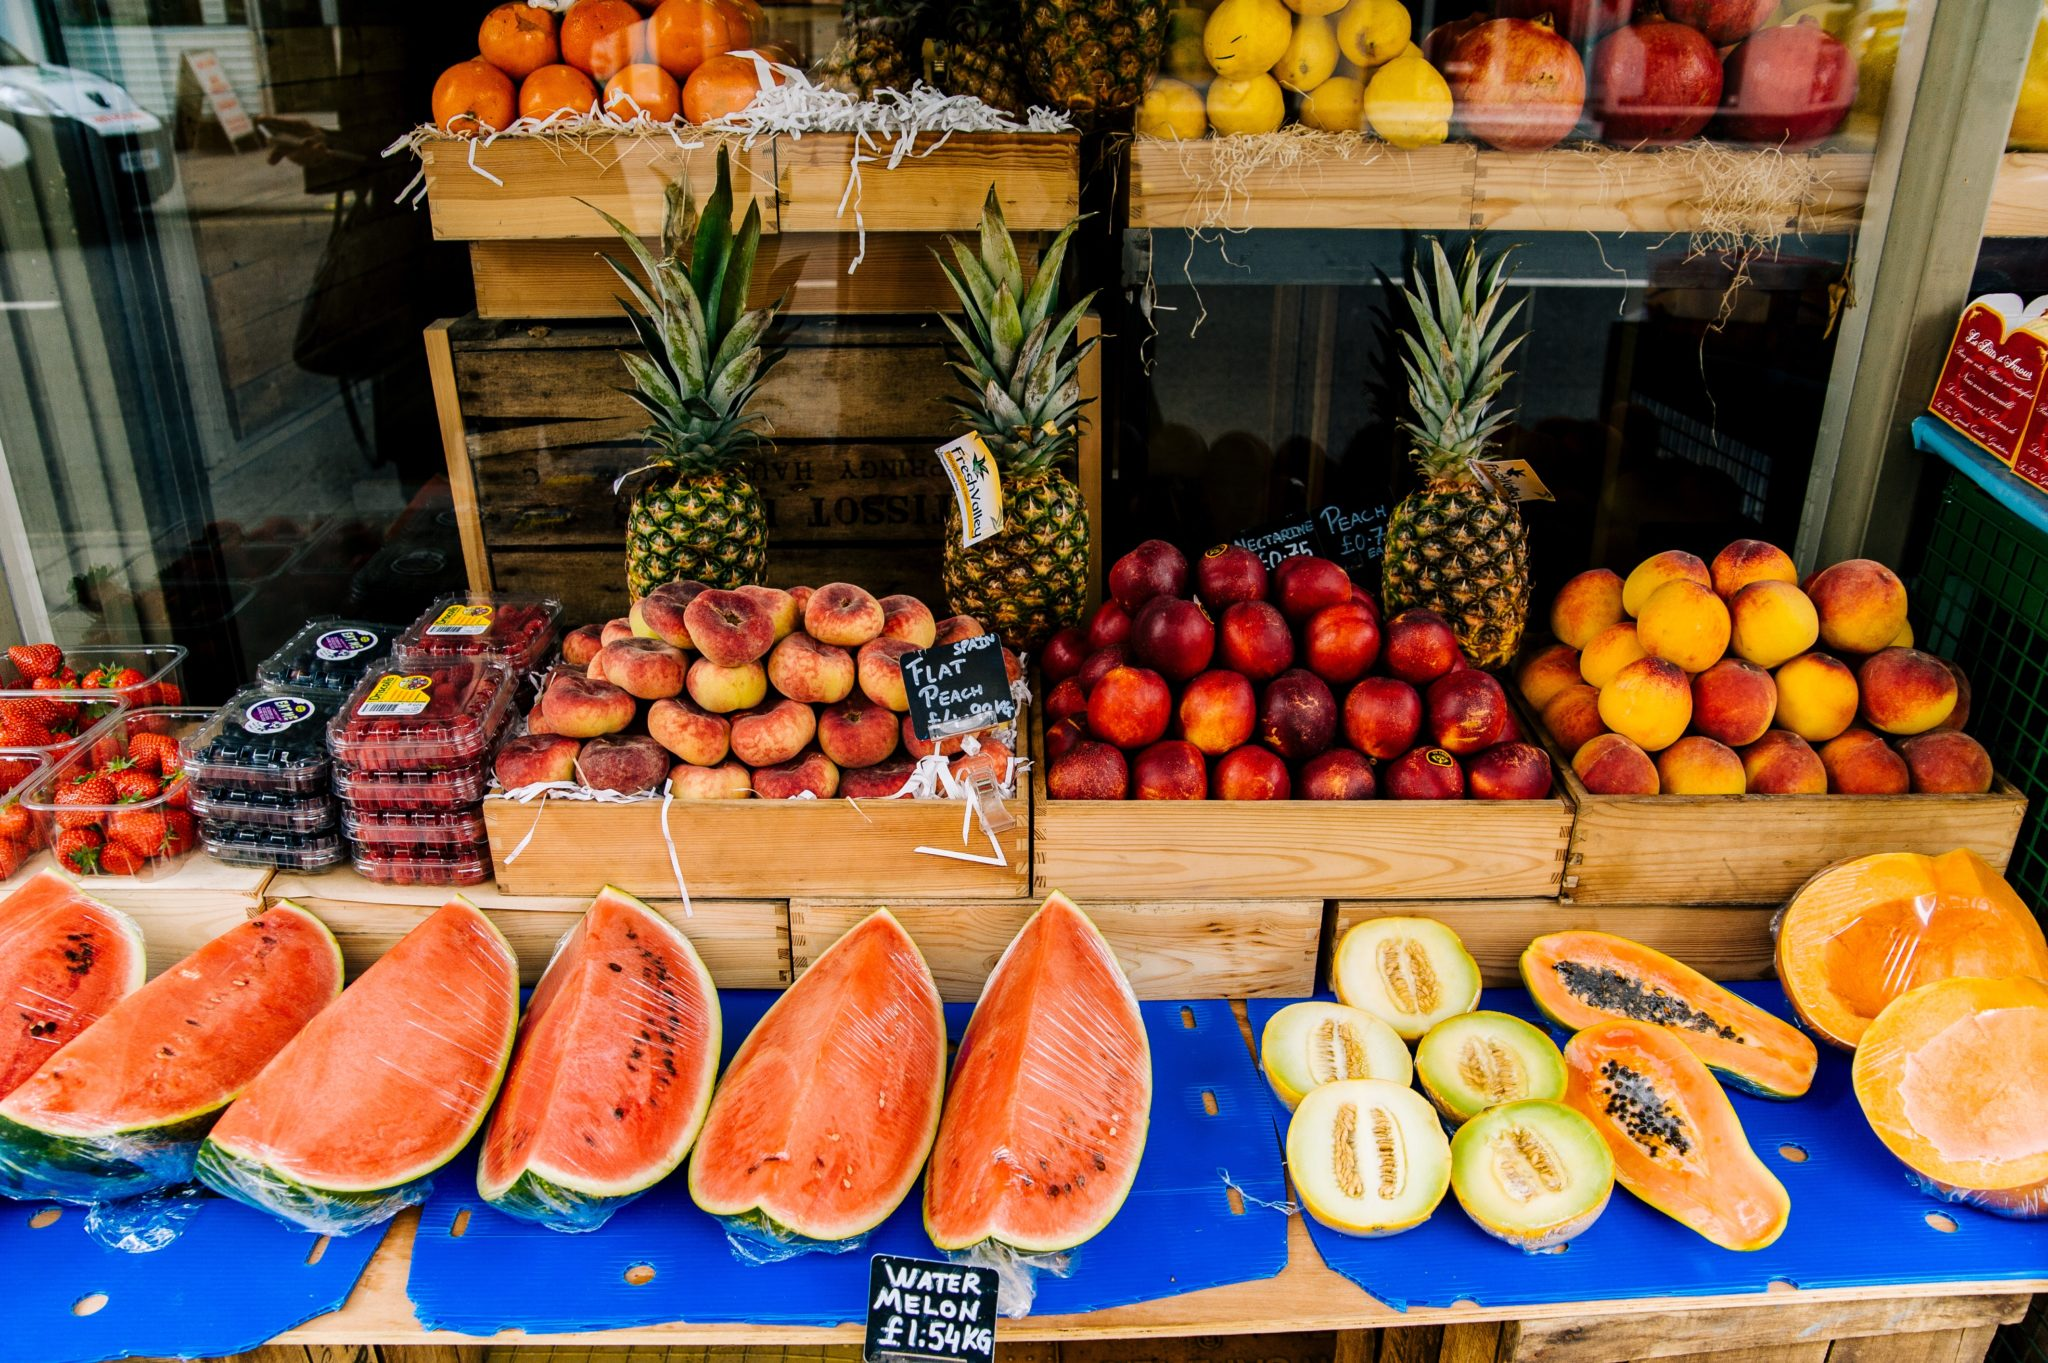 se-pardean-ciertos-tipos-fruta-verdura